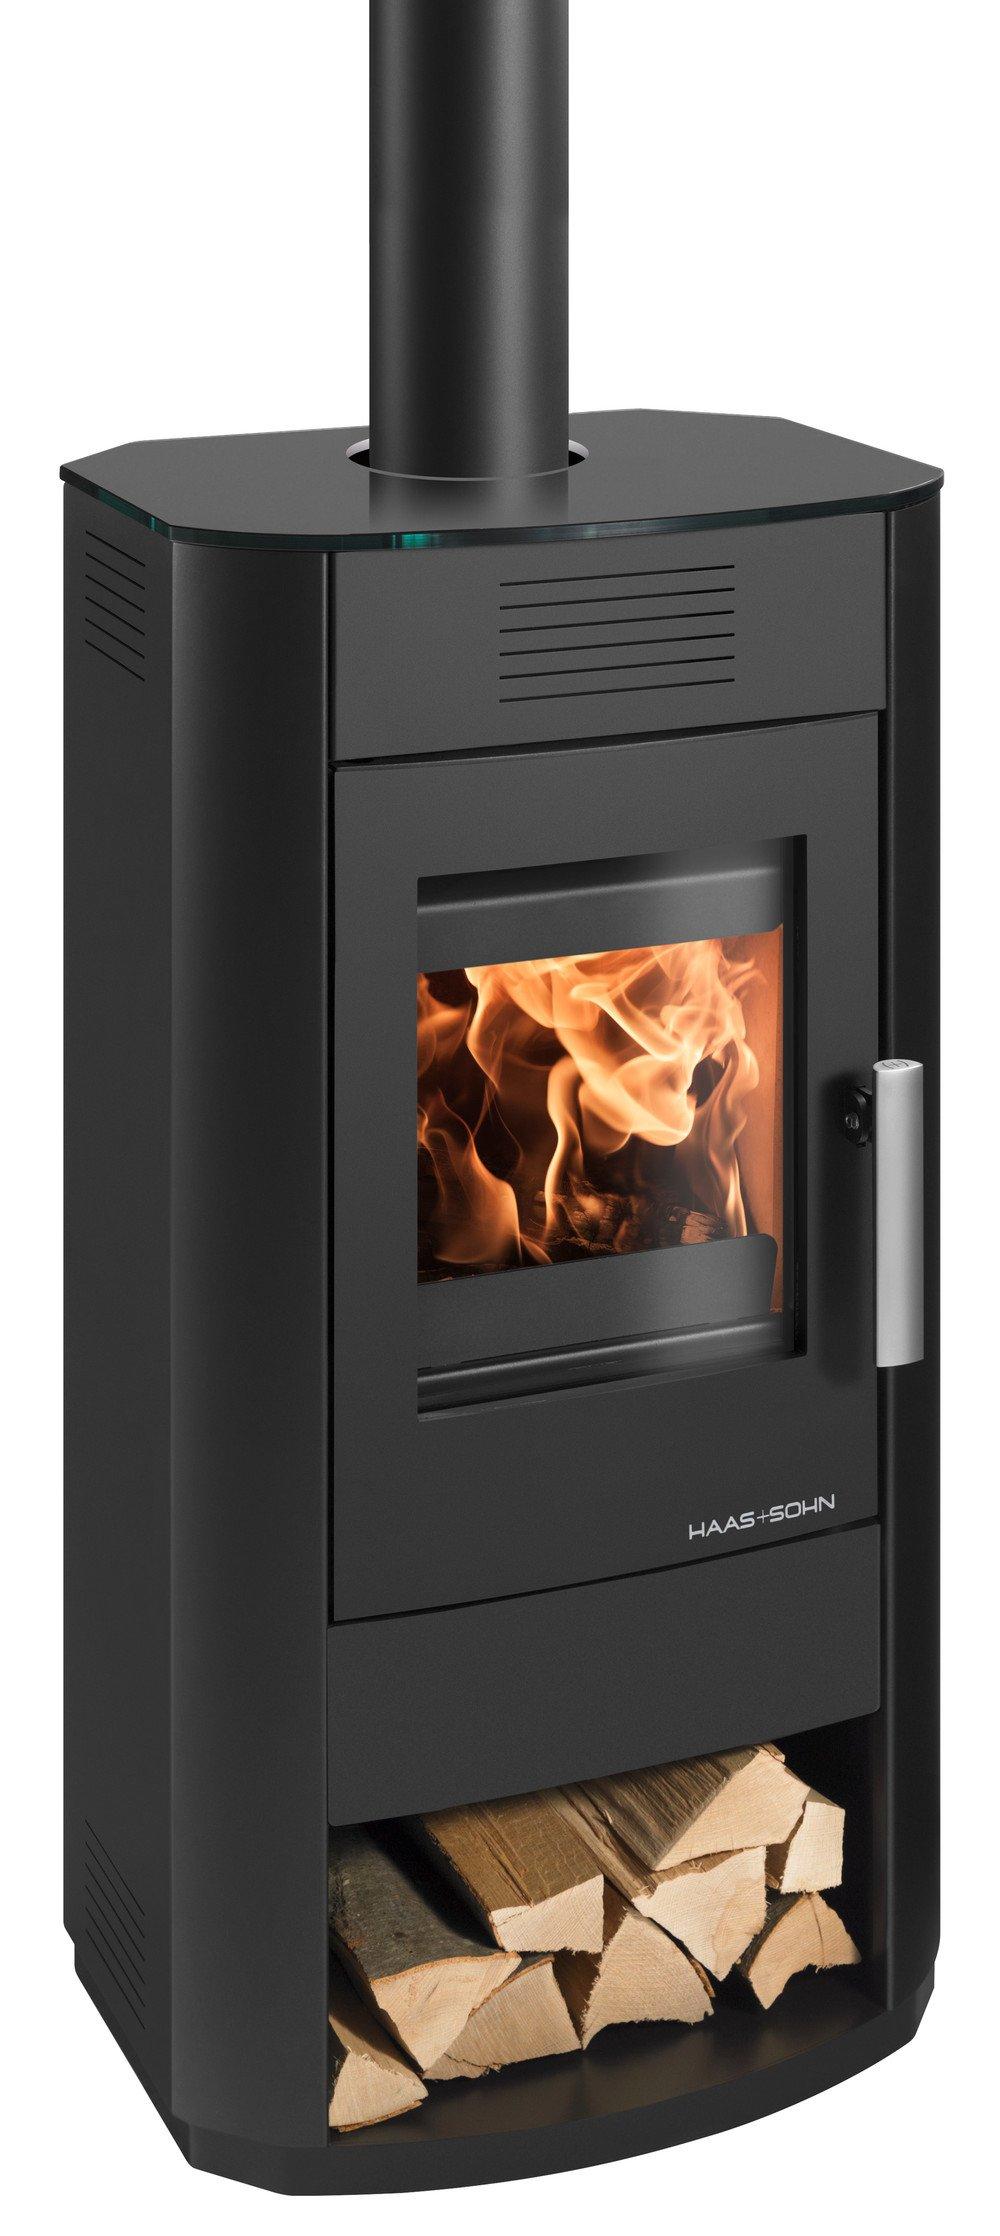 java ii wood stoves haas sohn international. Black Bedroom Furniture Sets. Home Design Ideas